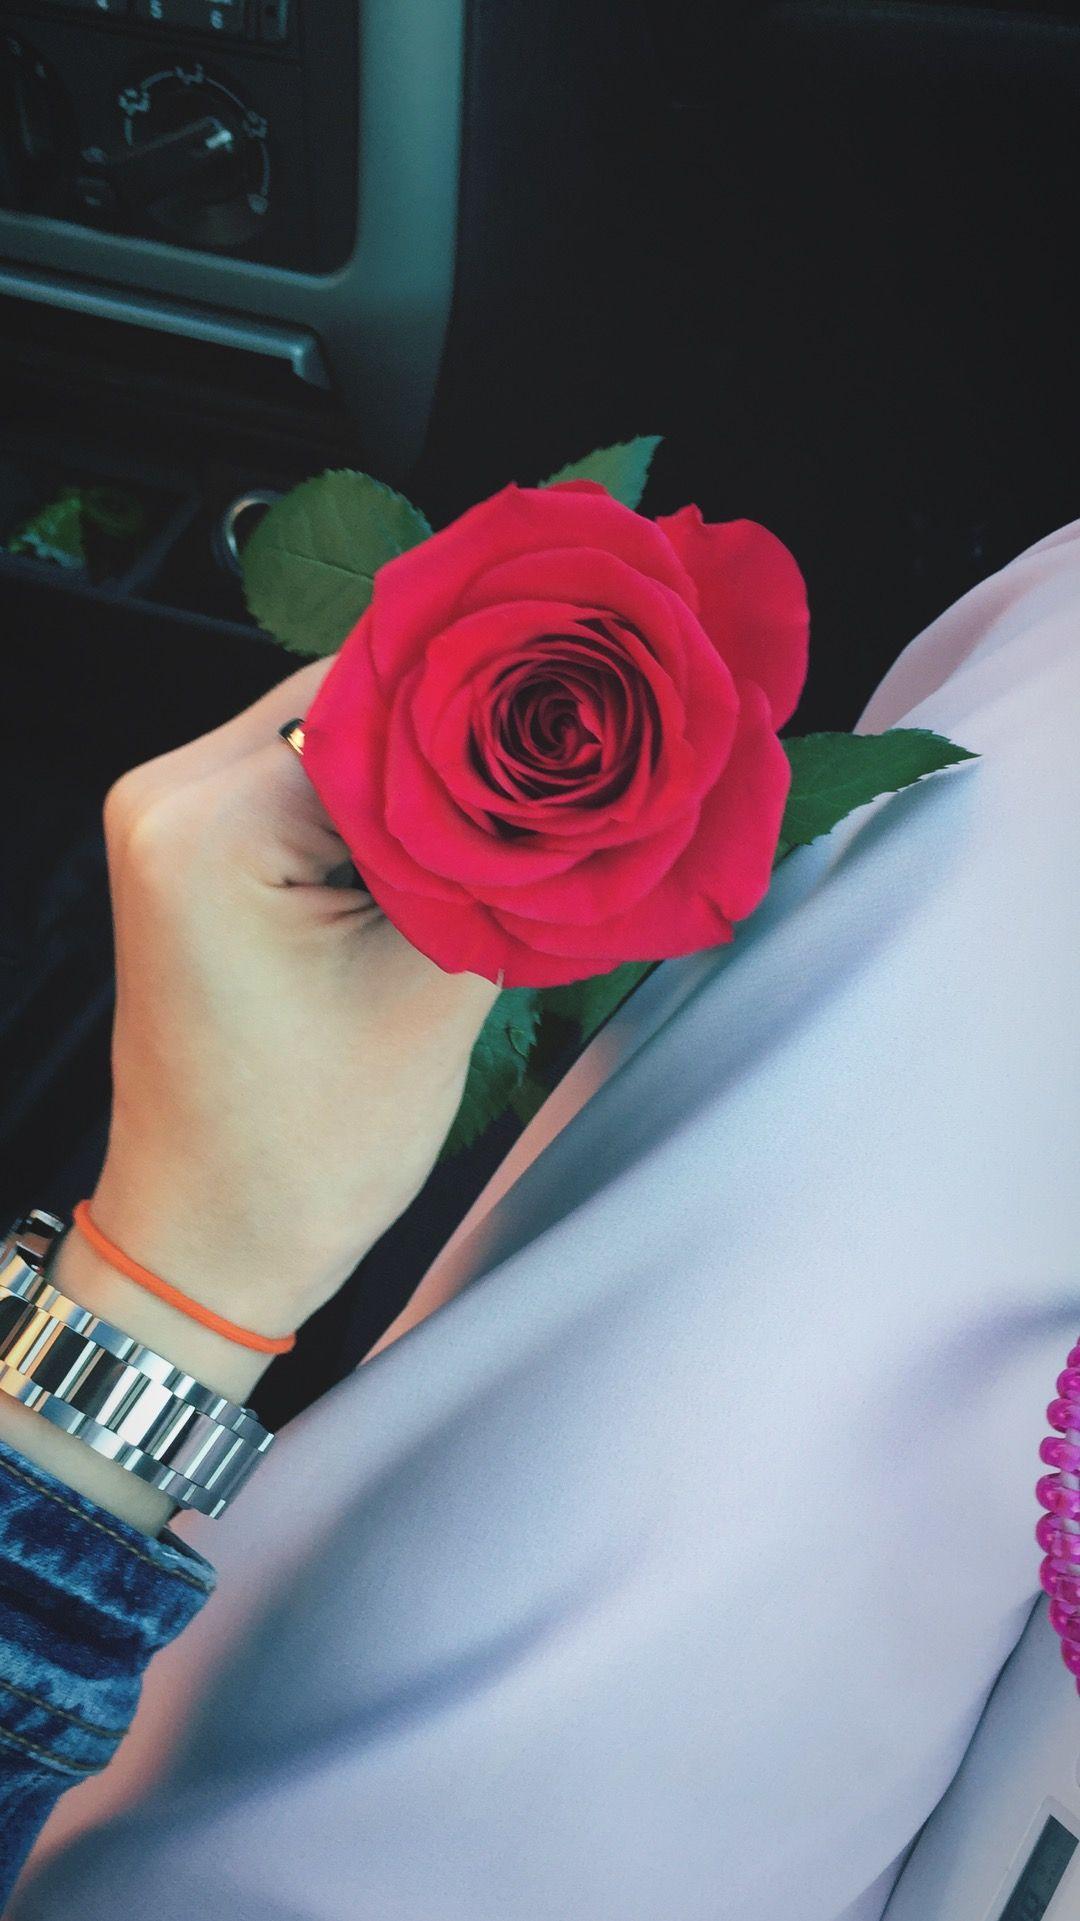 Pin By Aysun On Saمar N98 Red Rose Tumblr Rose Tumblr Red Roses